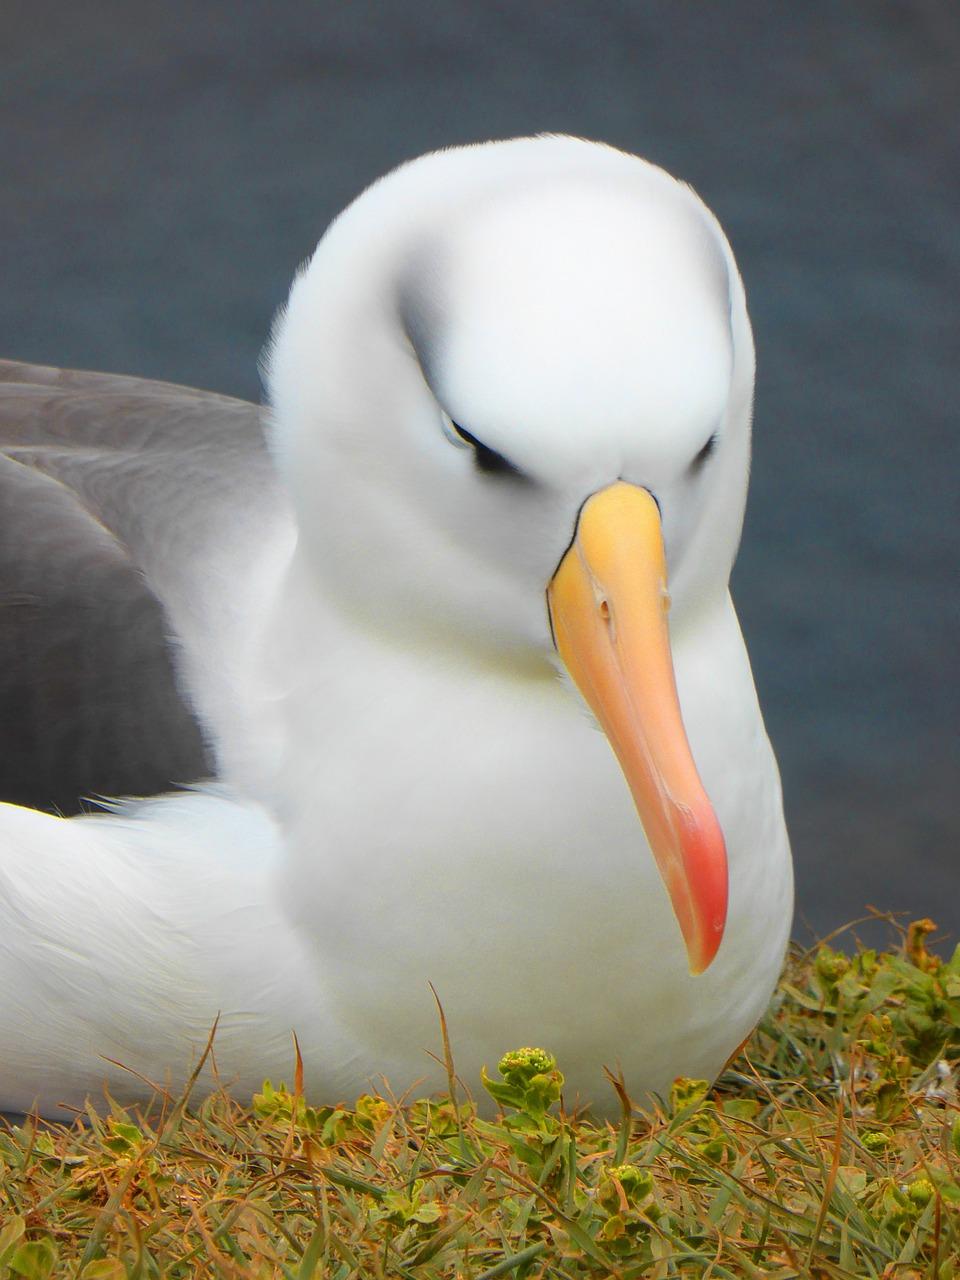 фото птицы альбатрос следует также